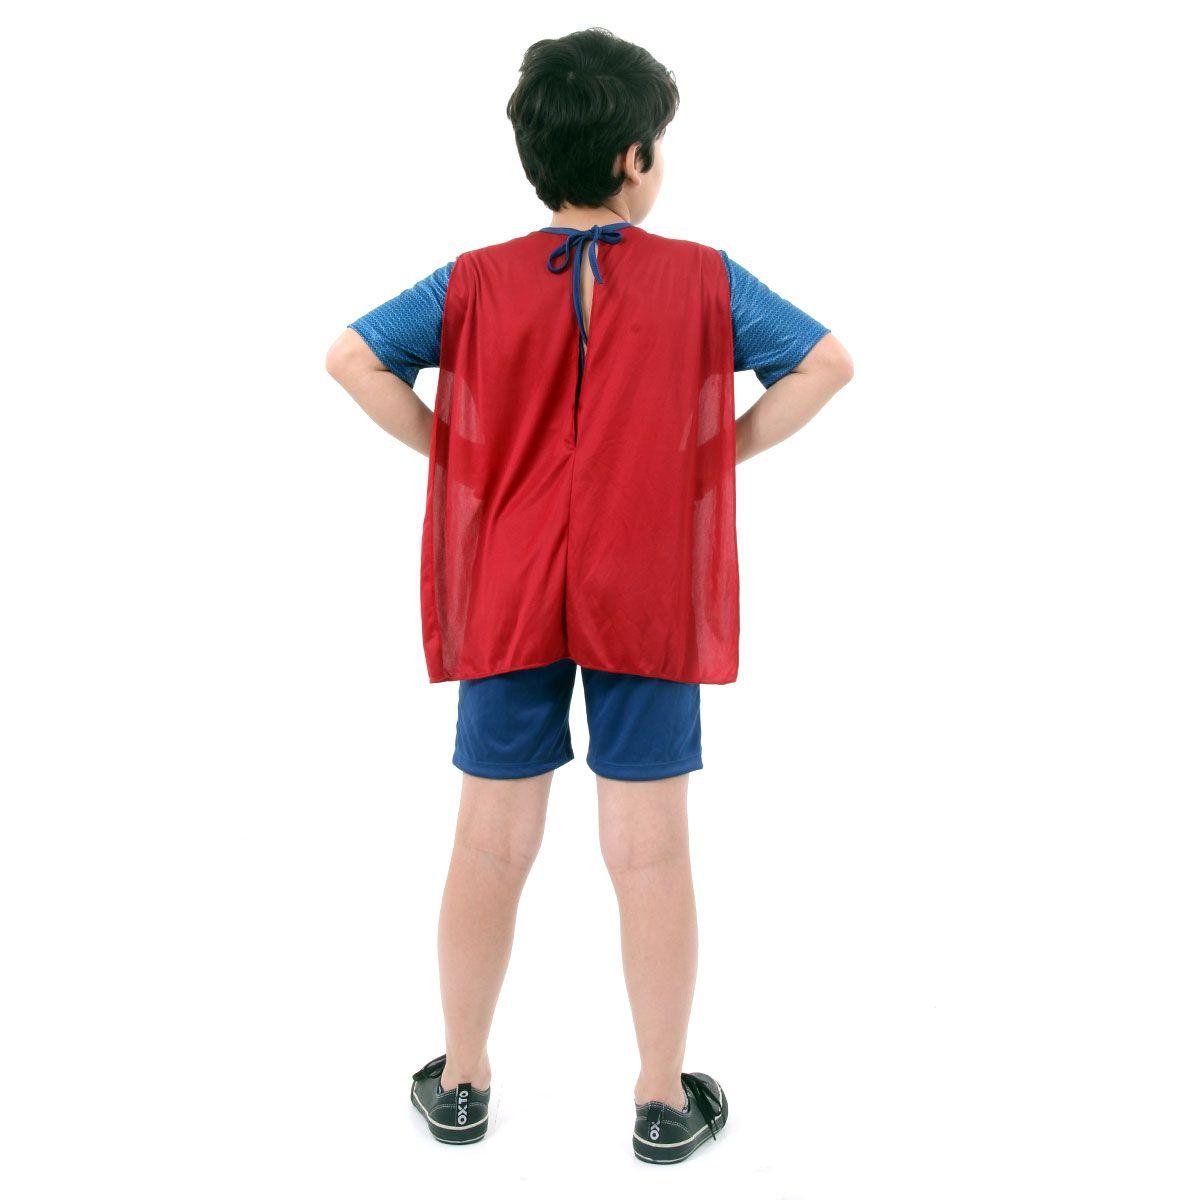 Fantasia Super Homem Infantil com Músculos